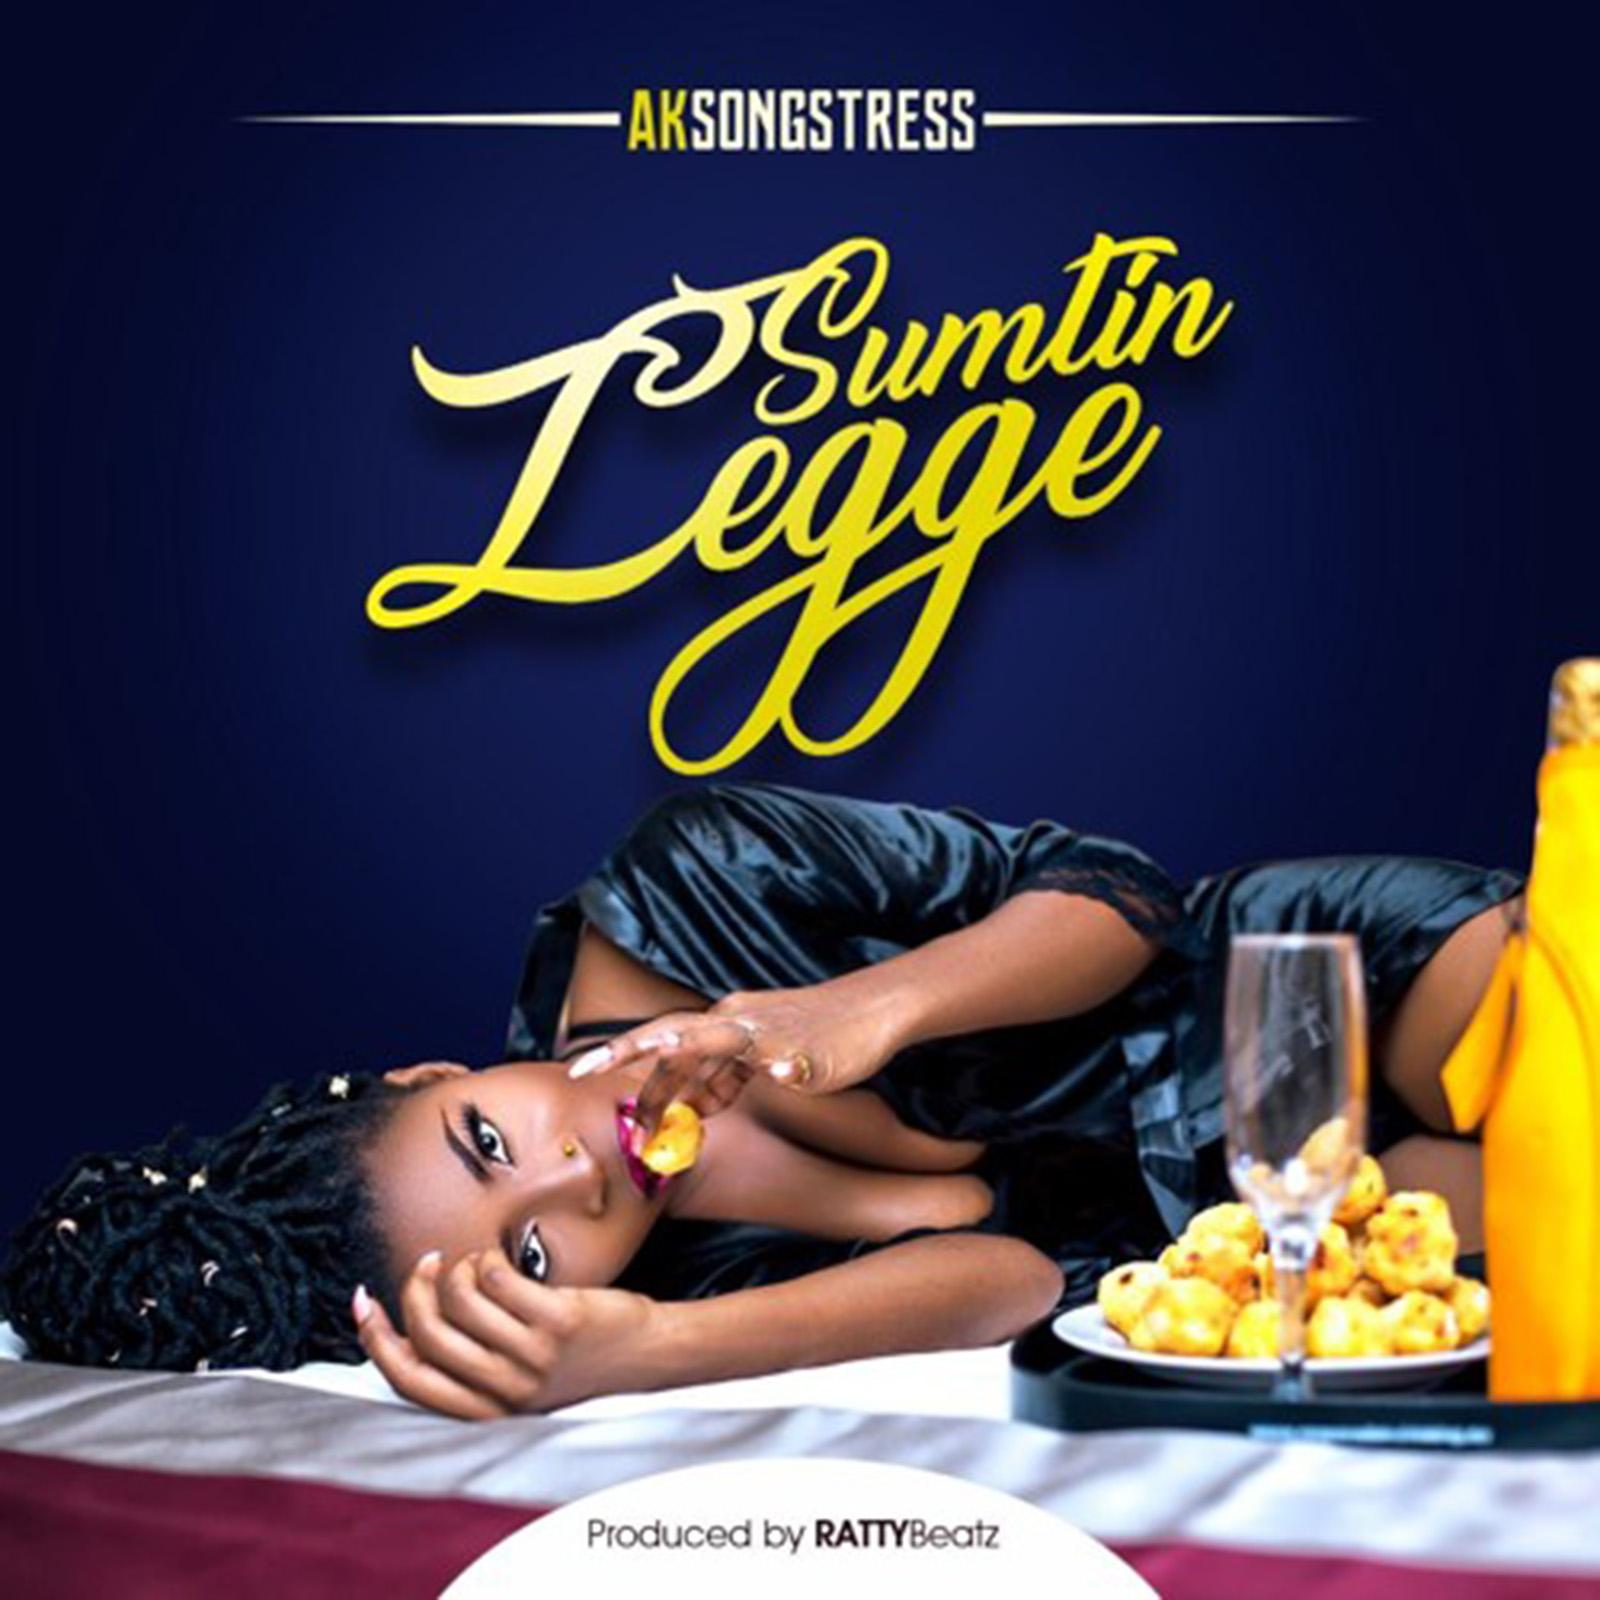 Sumtin Legge by AK Songstress